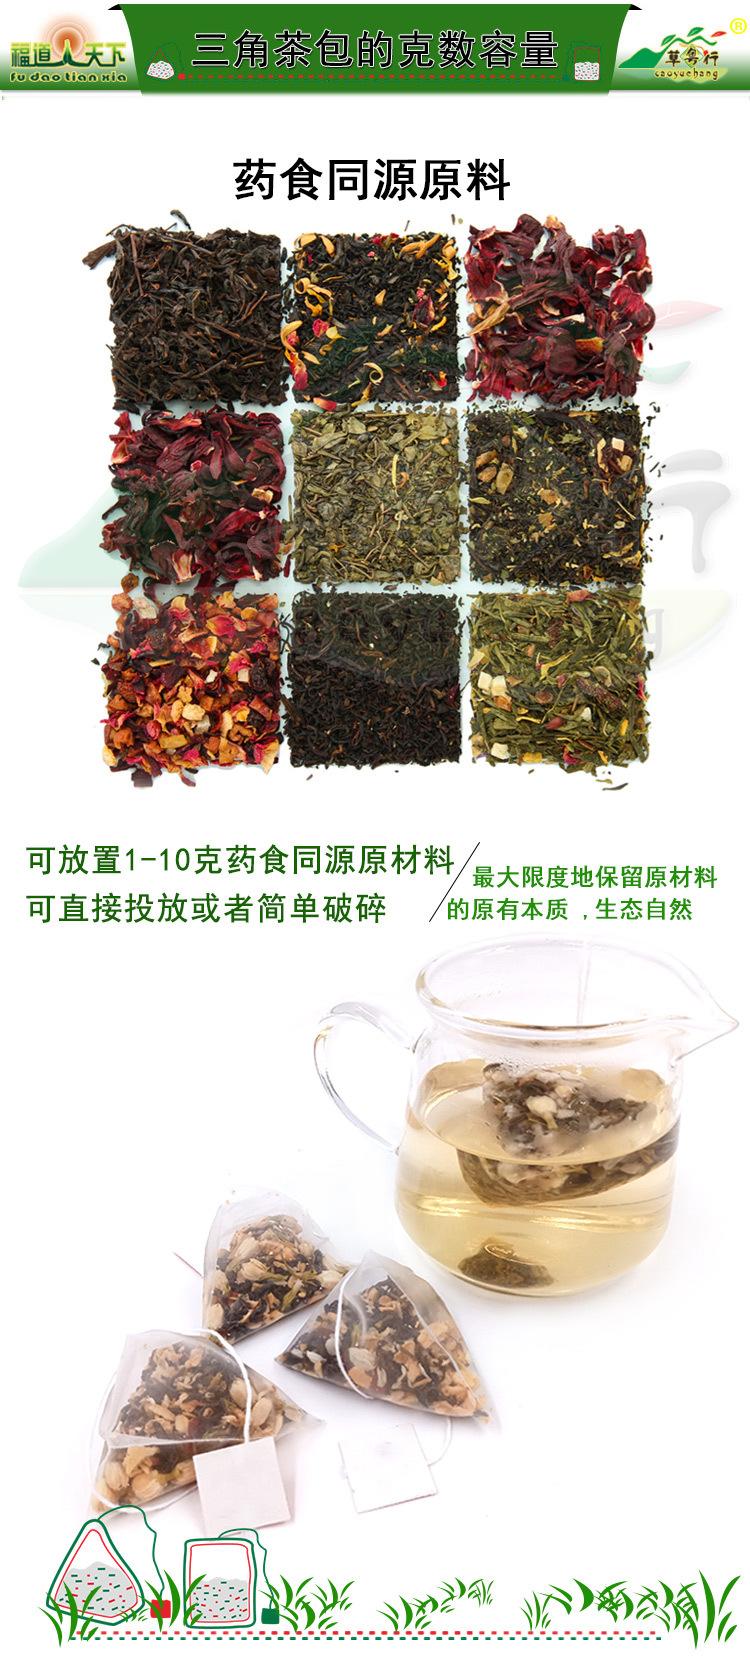 20200711茉莉花绿茶-_05.jpg